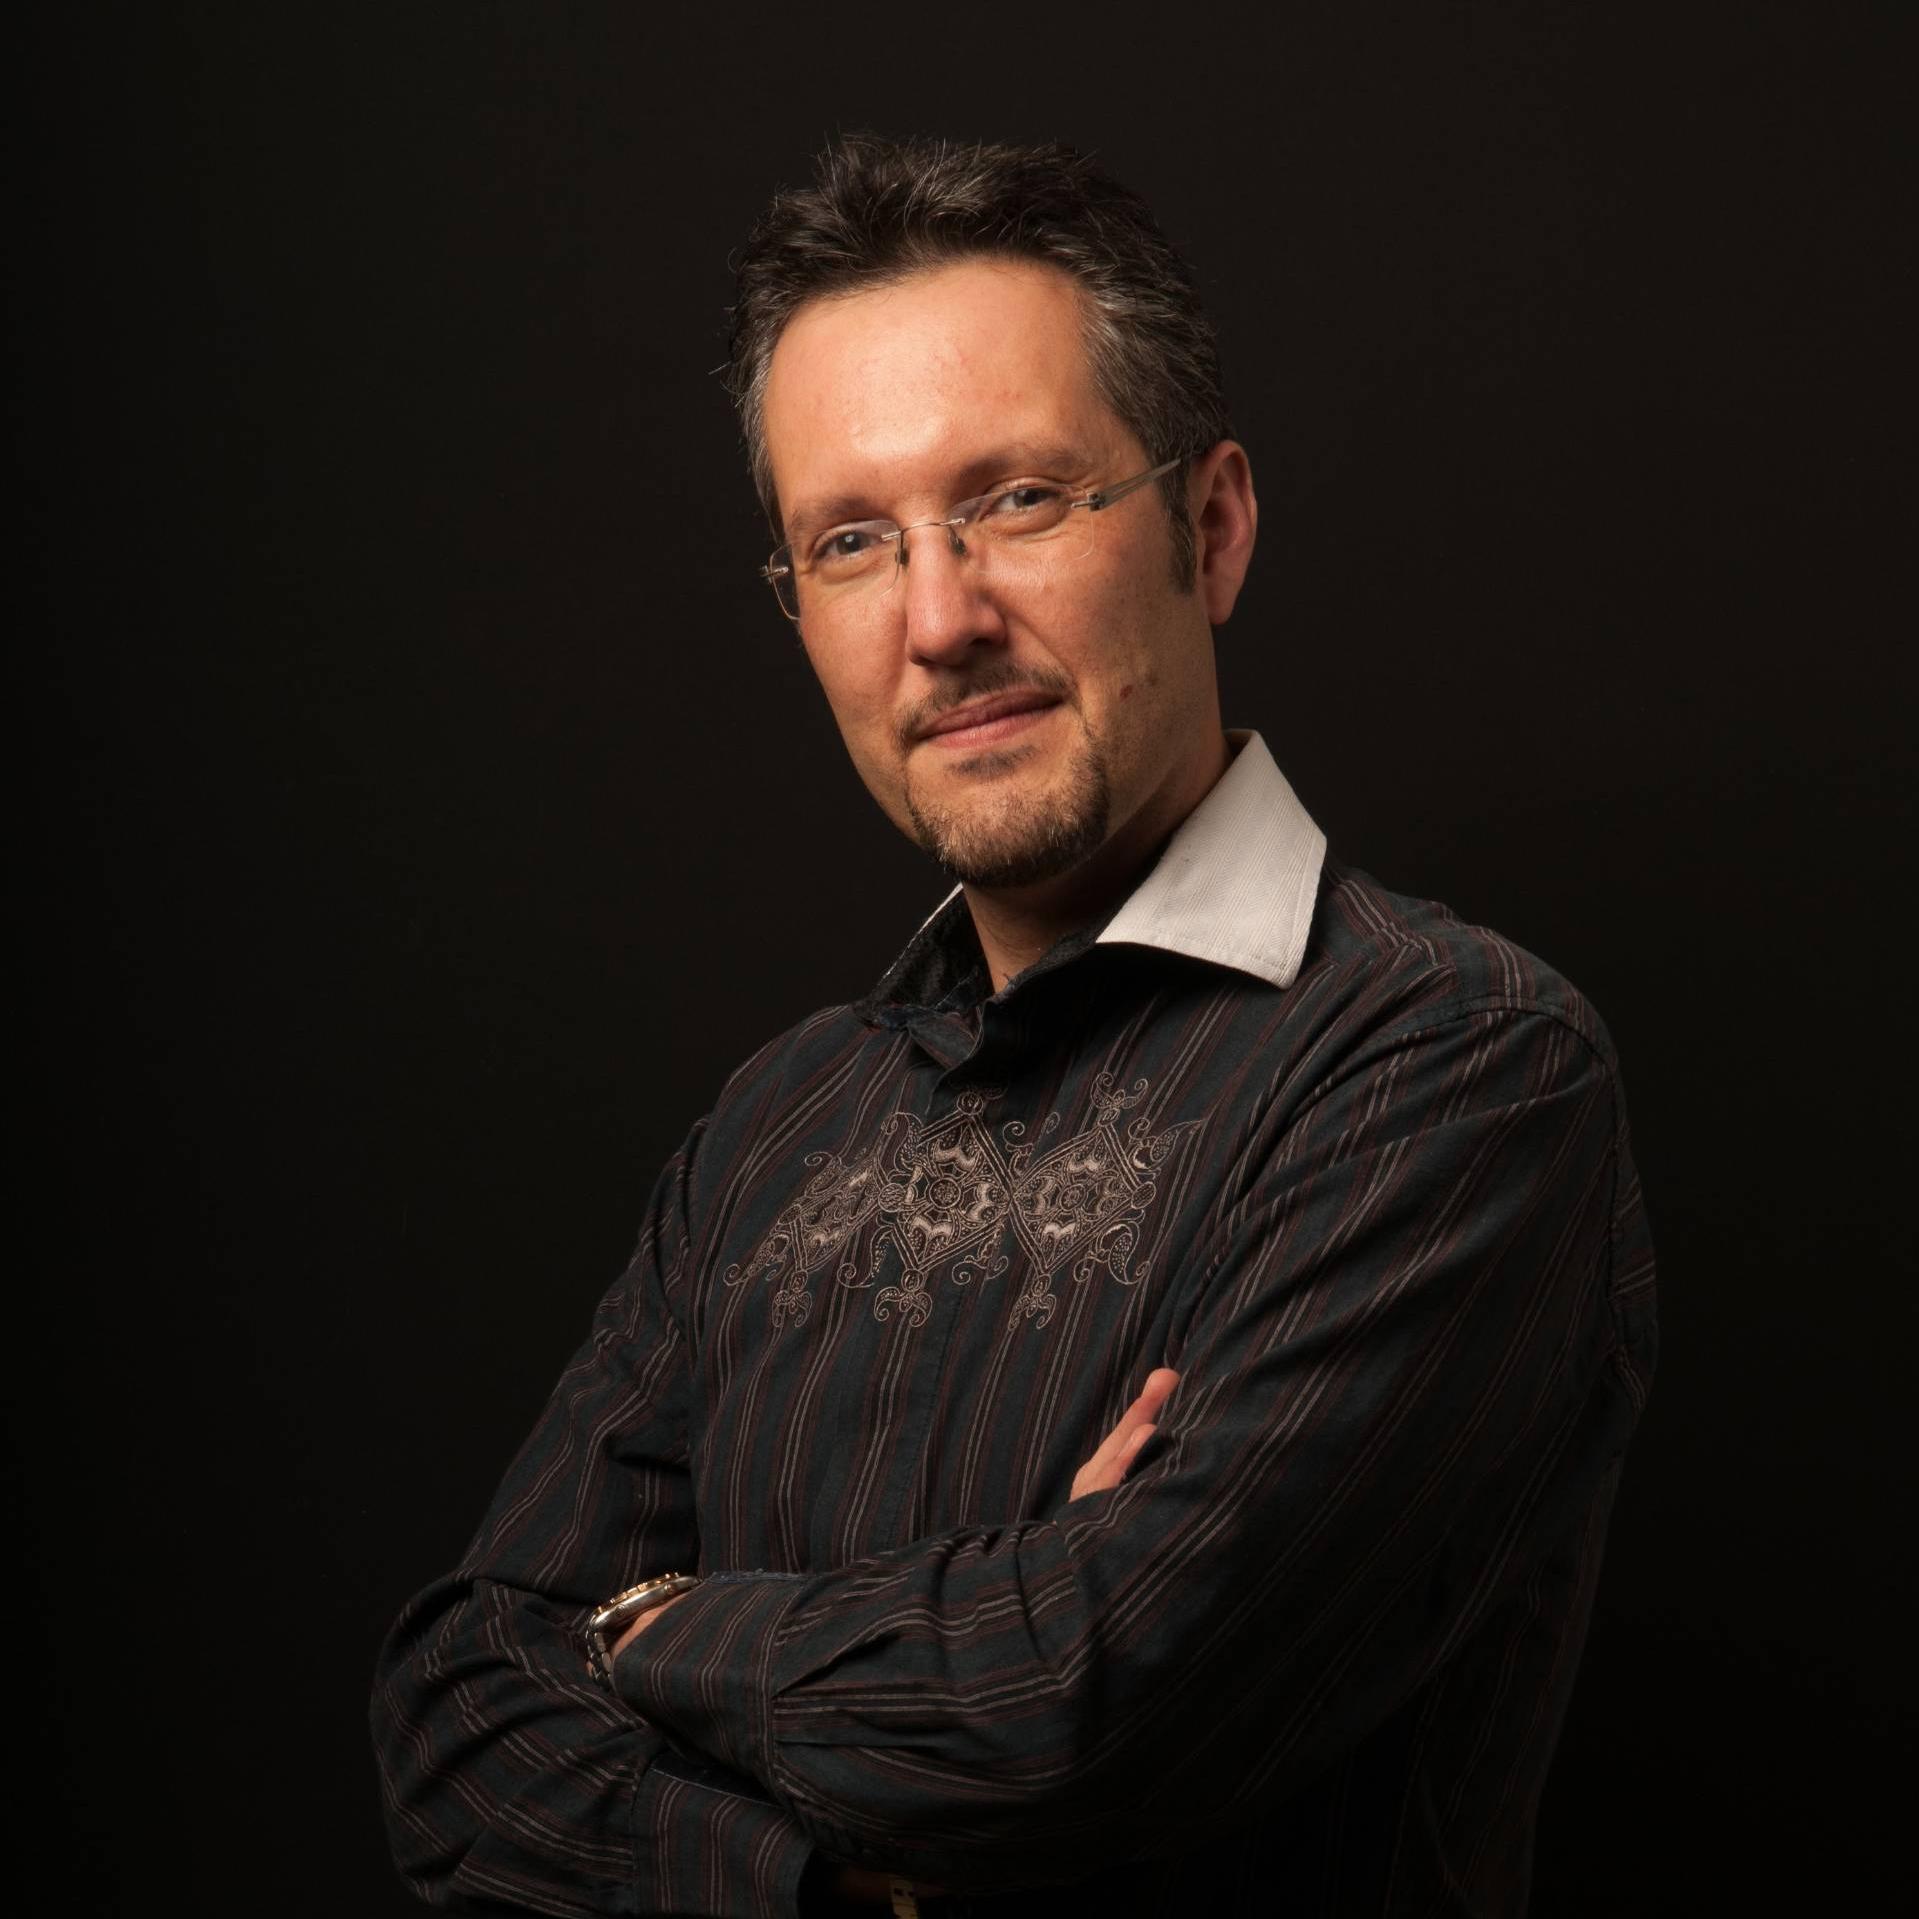 Omar-Pierre Soubra